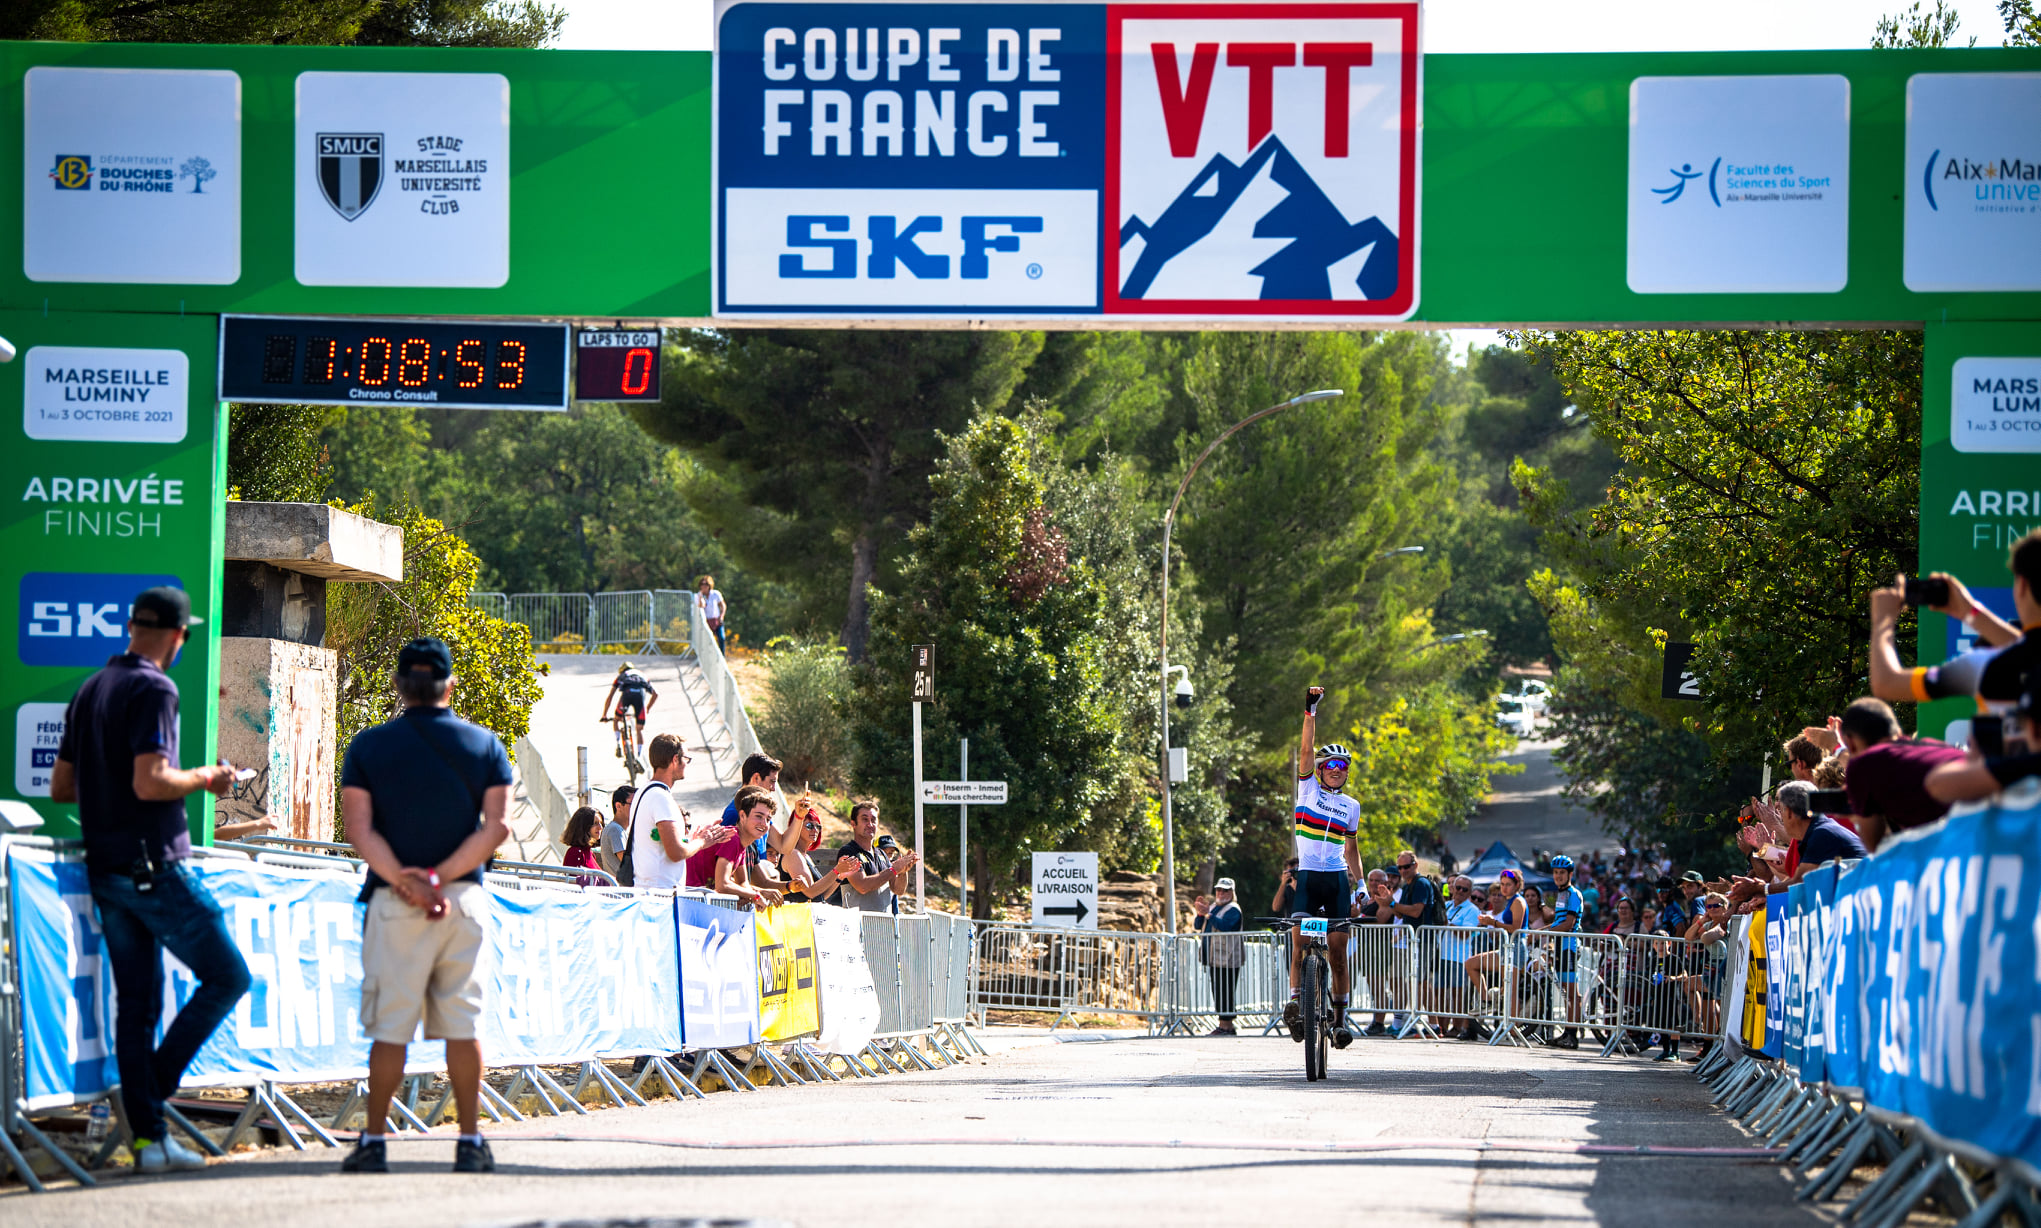 Photo d'Adrien Boichis sur la ligne d'arrivée de la coupe de France SKF de VTT